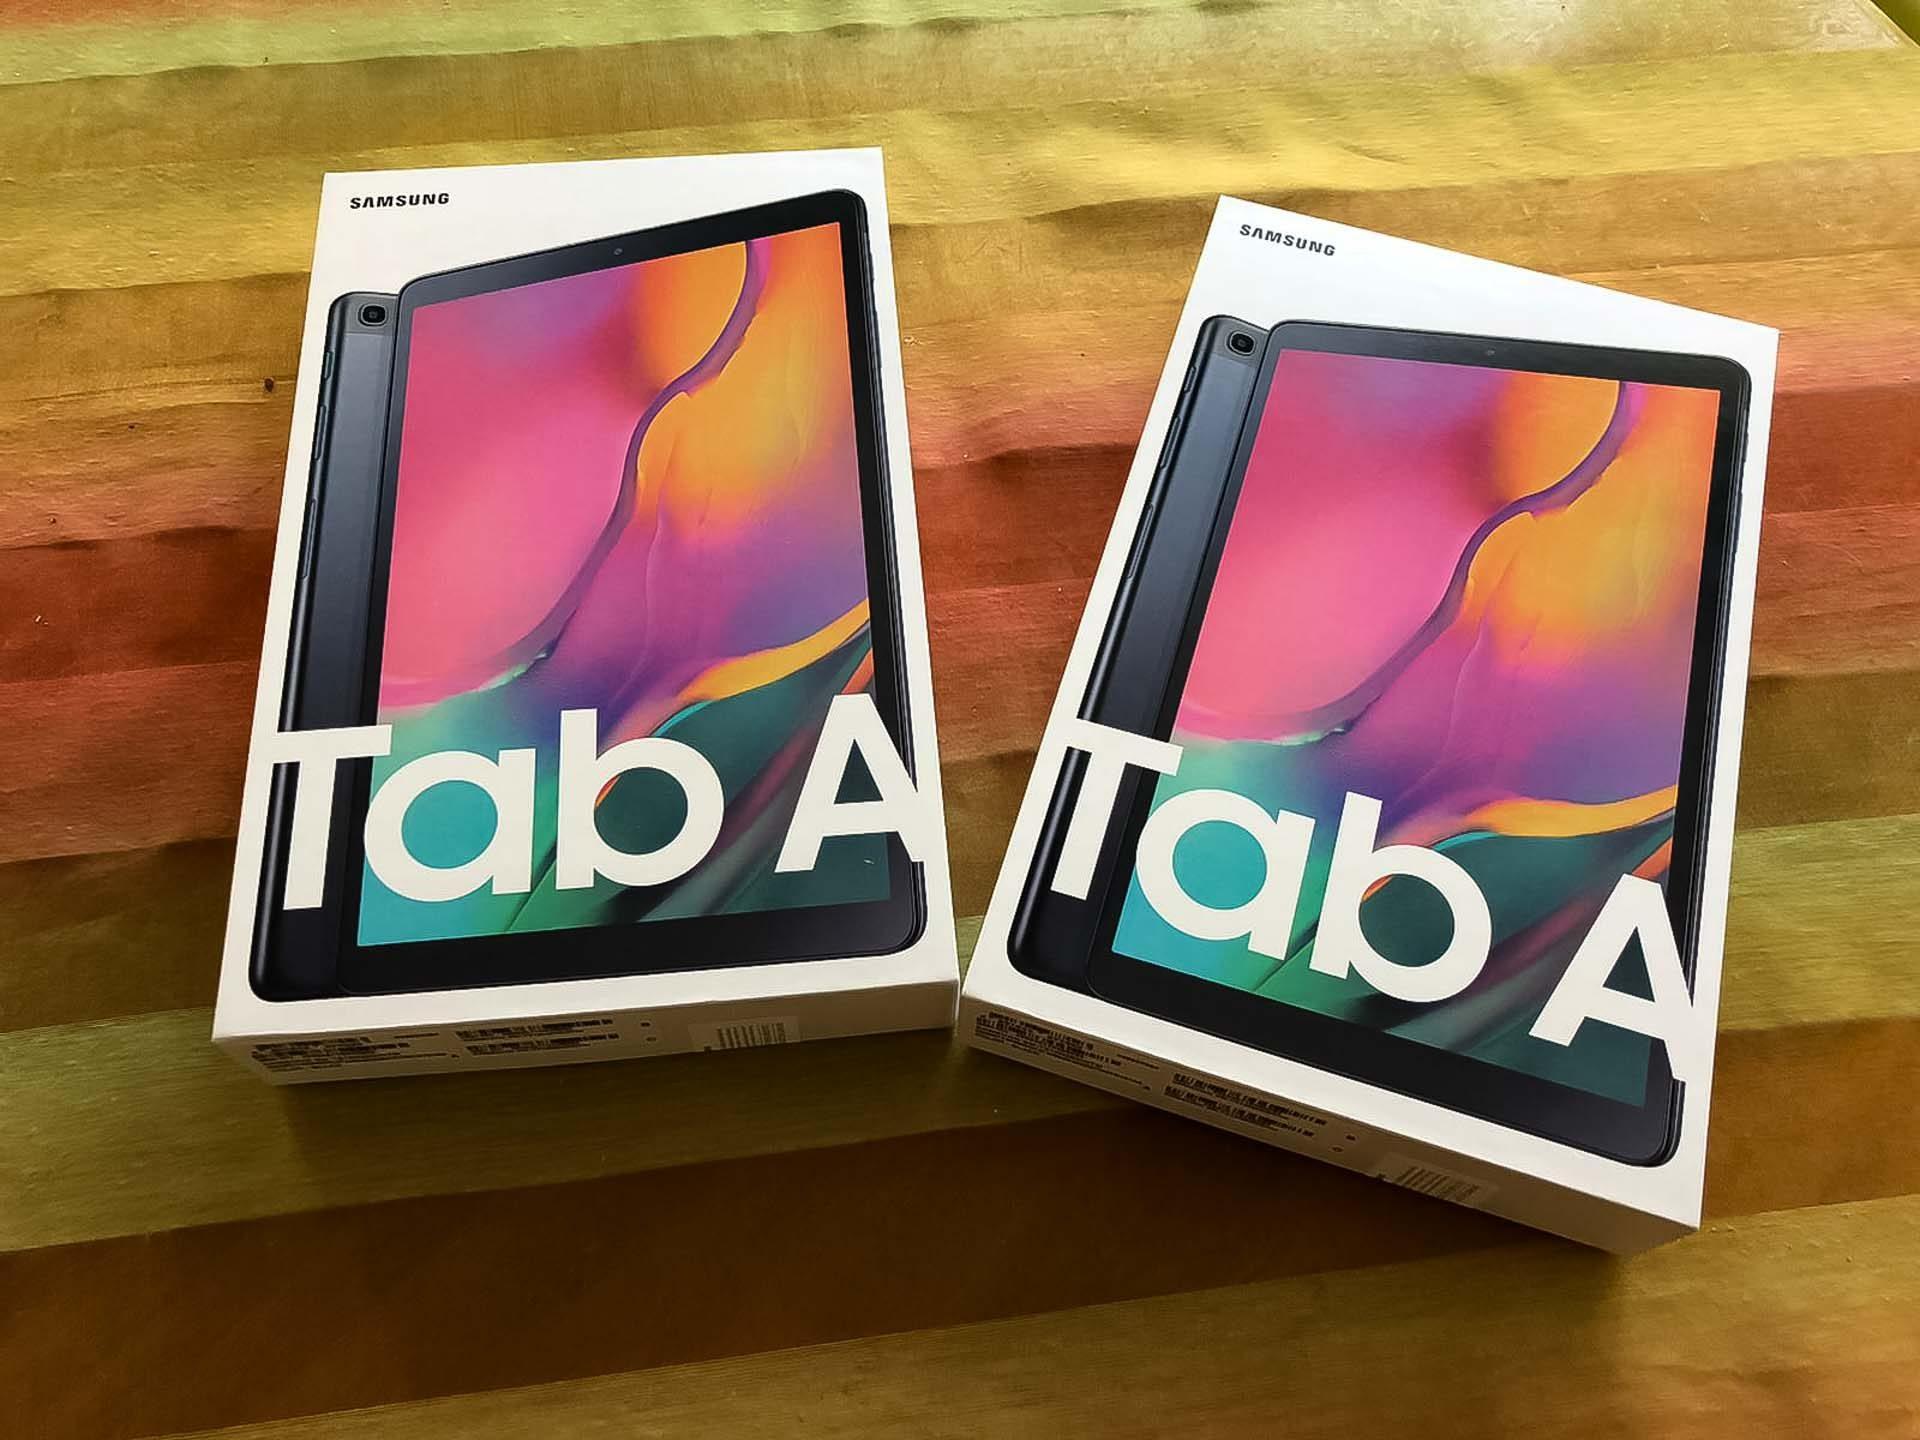 Spende: Tablets für Seniorinnen und Senioren